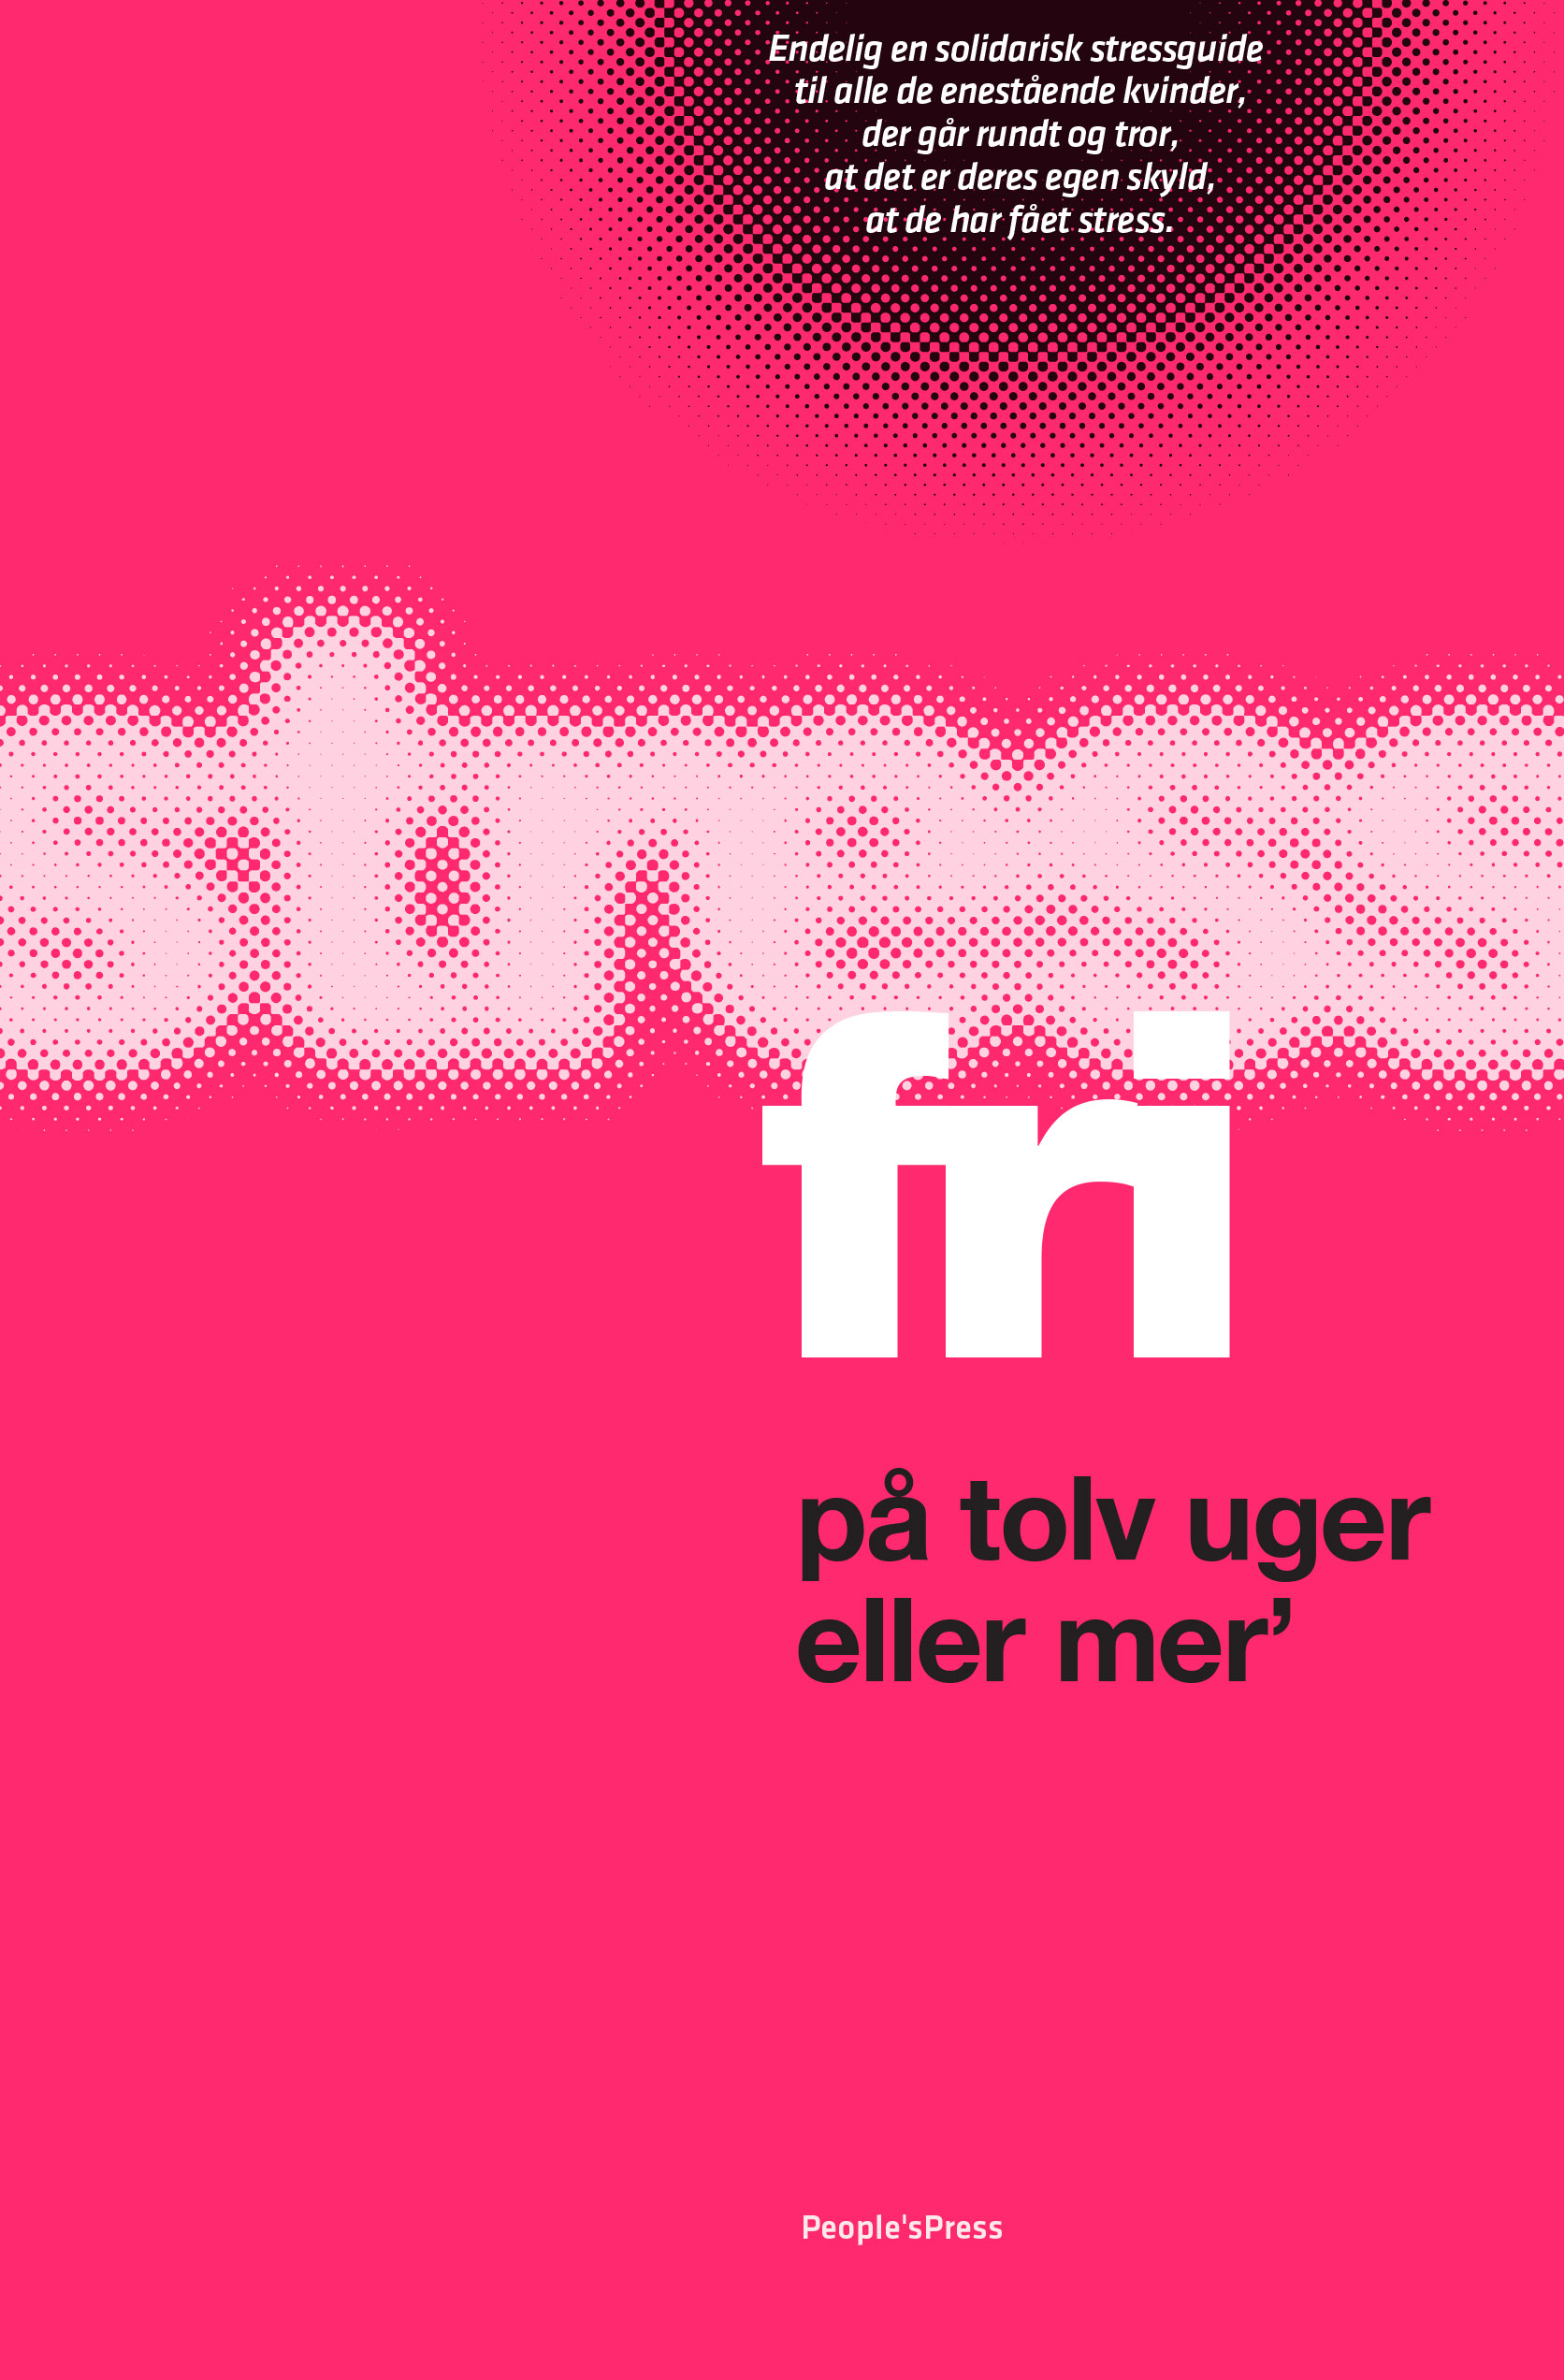 N/A – Stressfri på tolv uger eller mer - e-bog fra bog & mystik